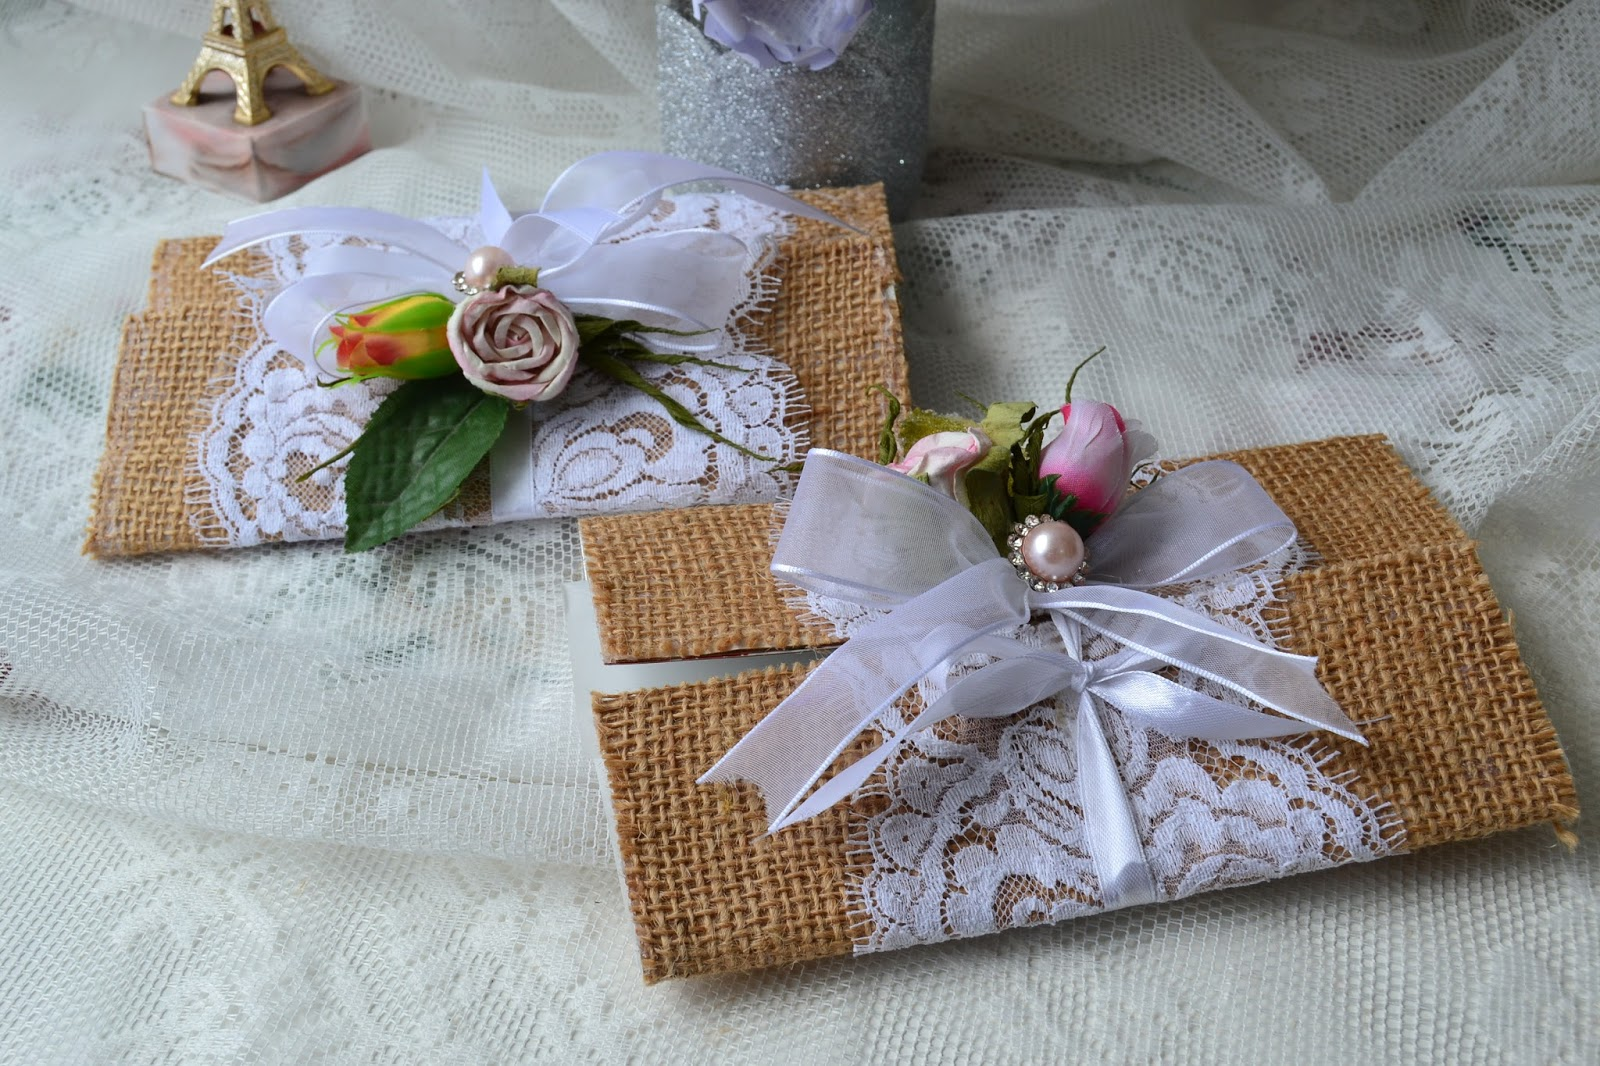 decoracao de casamento que eu posso fazer : decoracao de casamento que eu posso fazer:Como fazer convites de casamento rustico com caixa de leite e juta ♥